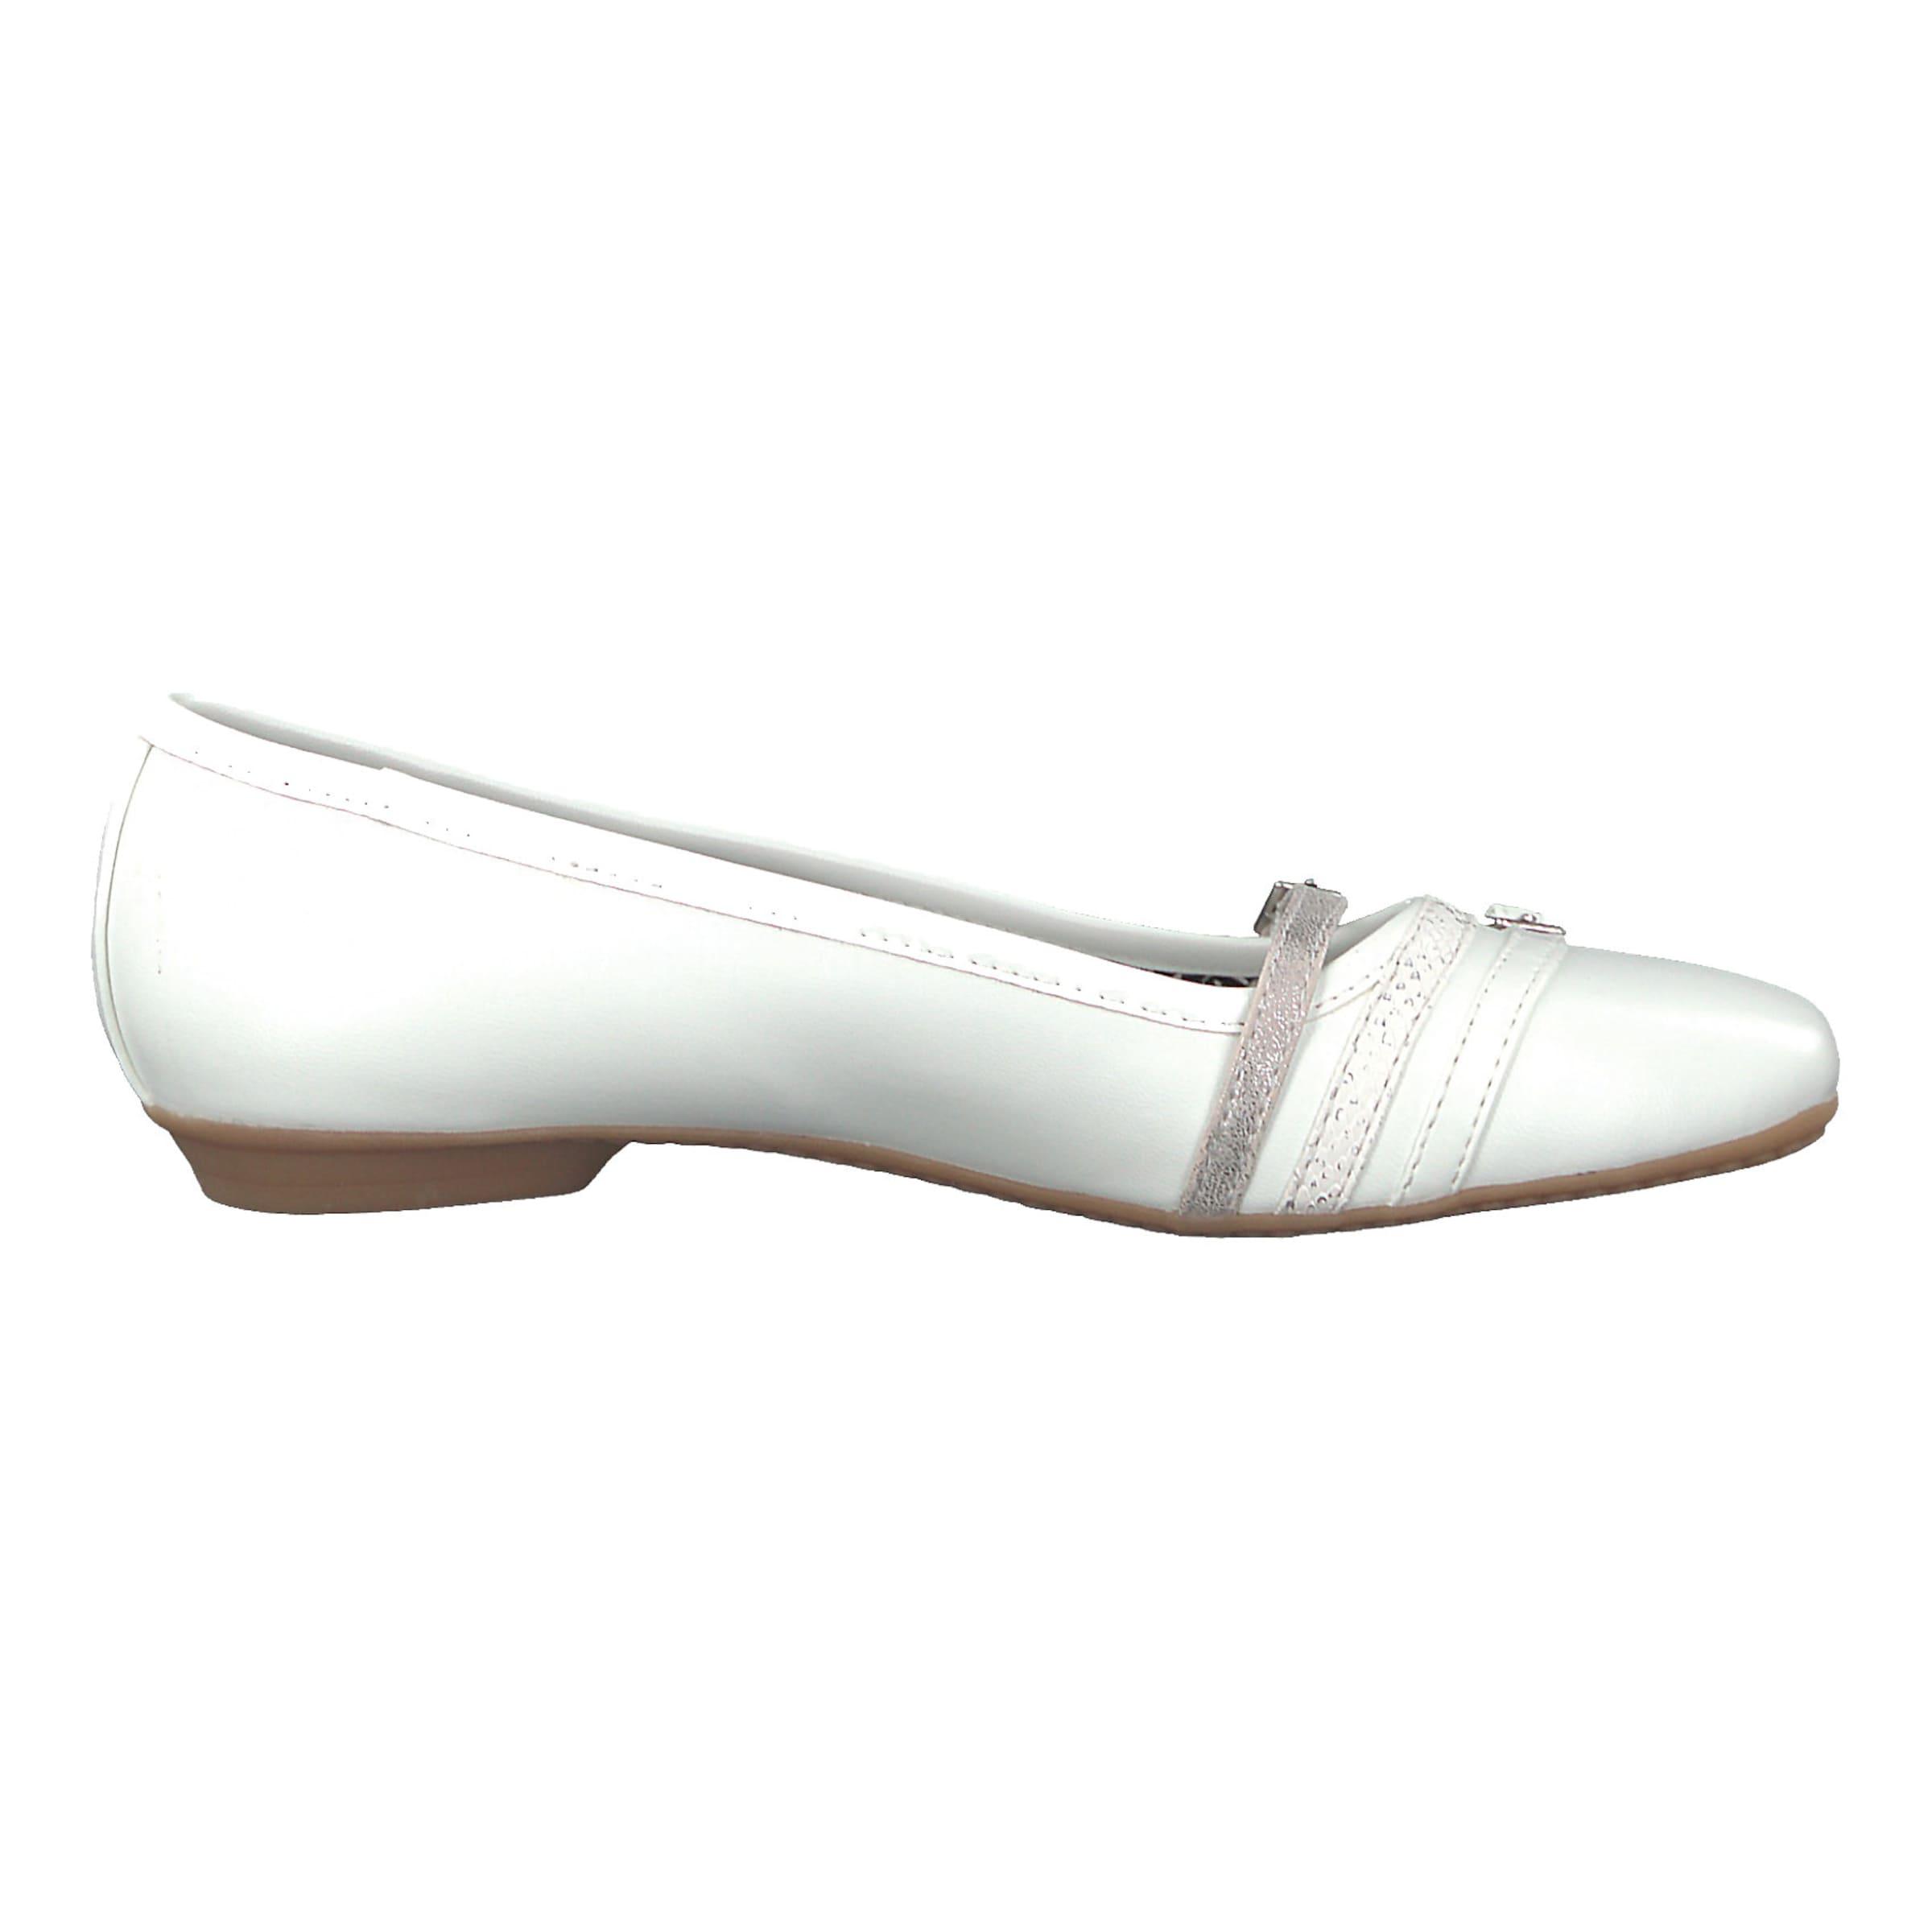 Rabatt Niedriger Versand s.Oliver RED LABEL Klassische Ballerinas 100% Authentisch Verkauf Erhalten Authentisch ntP4hFYH